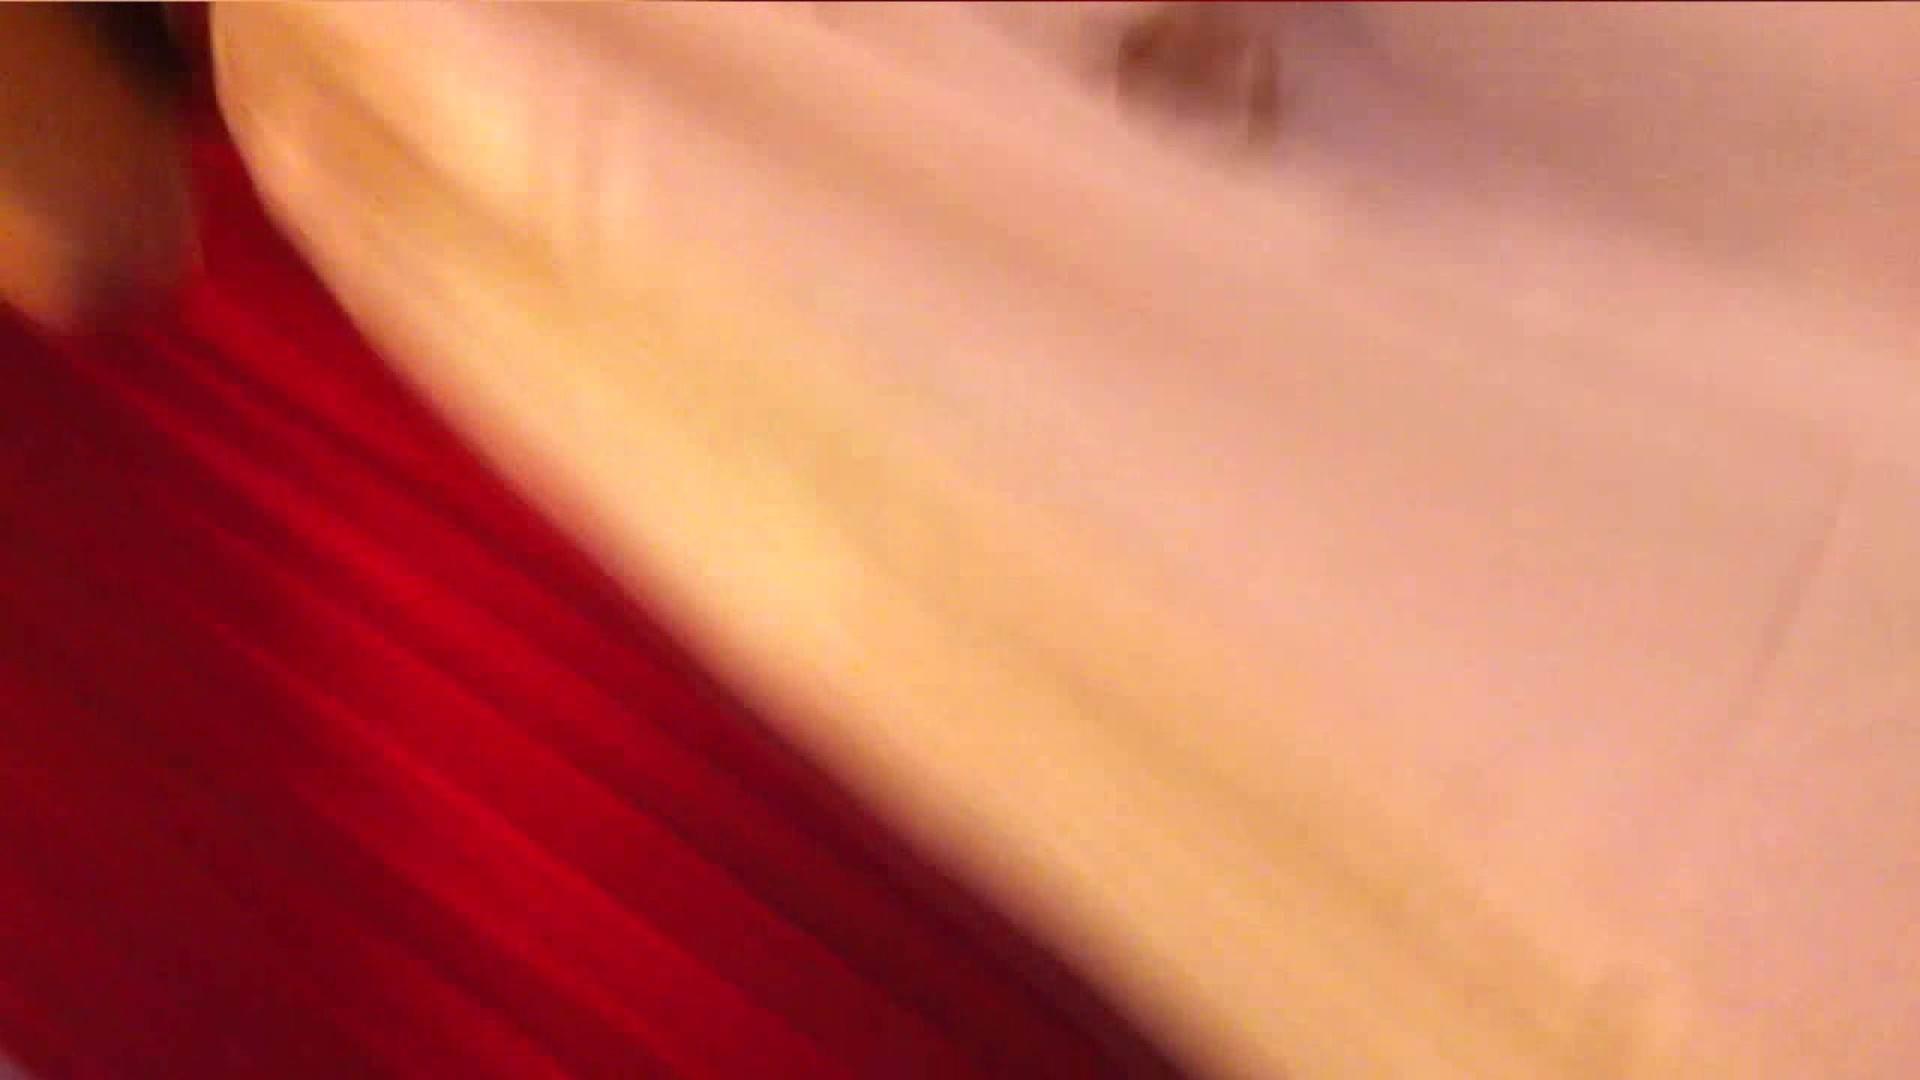 vol.35 美人アパレル胸チラ&パンチラ ひらひらスカートの中身は? 接写 | パンチラハメ撮り  62pic 33